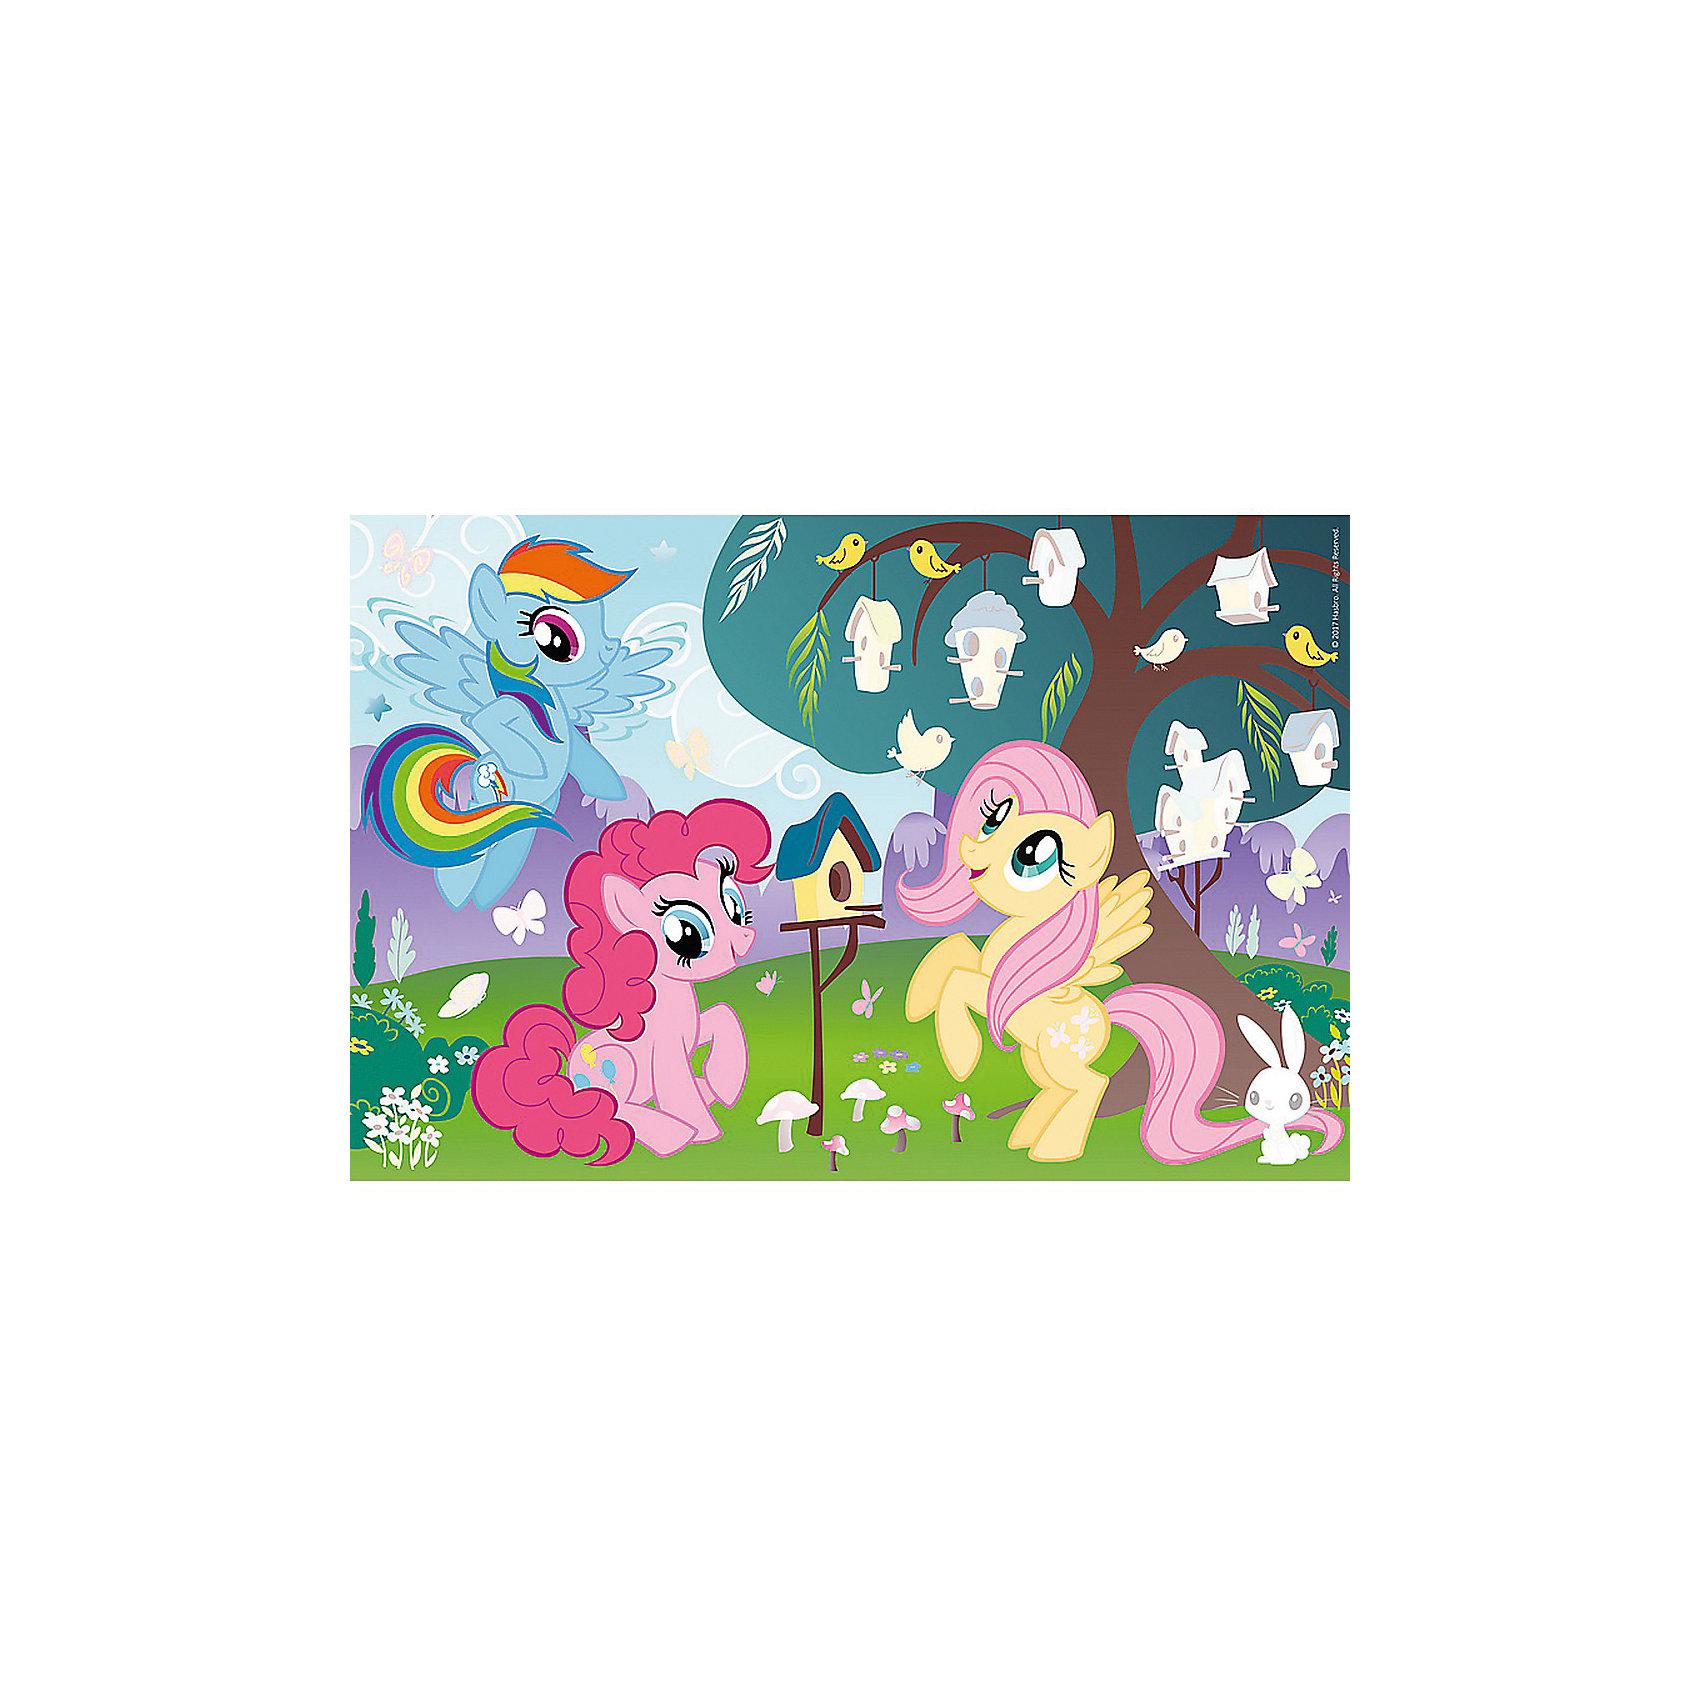 Пазлы Пони и птичье дерево , Пазл плюсMy little Pony<br>Укрась живописную полянку и птичье дерево с помощью ярких стикеров на необычном пазле от бренда Trefl! Каждый малыш будет с увлечением собирать детали головоломки, чтобы получить милую картину с любимыми пони из известного мультсериала.  Волшебные лошадки с пышными гривами гуляют под большим деревом. Чтобы полянка заиграла новыми красками, необходимо лишь наклеить стикеры с изображением птичек, бабочек, кормушек и листочков.  Занимаясь с высококачественным пазлом «Пони и птичье дерево» из 35 деталей, ребенок улучшит многие полезные навыки и получит приятные впечатления! В наборе: 35 деталей пазла, стикеры.  Размер картинки в собранном виде: 33х22 см.<br><br>Ширина мм: 332<br>Глубина мм: 37<br>Высота мм: 229<br>Вес г: 325<br>Возраст от месяцев: 36<br>Возраст до месяцев: 120<br>Пол: Женский<br>Возраст: Детский<br>SKU: 7126396